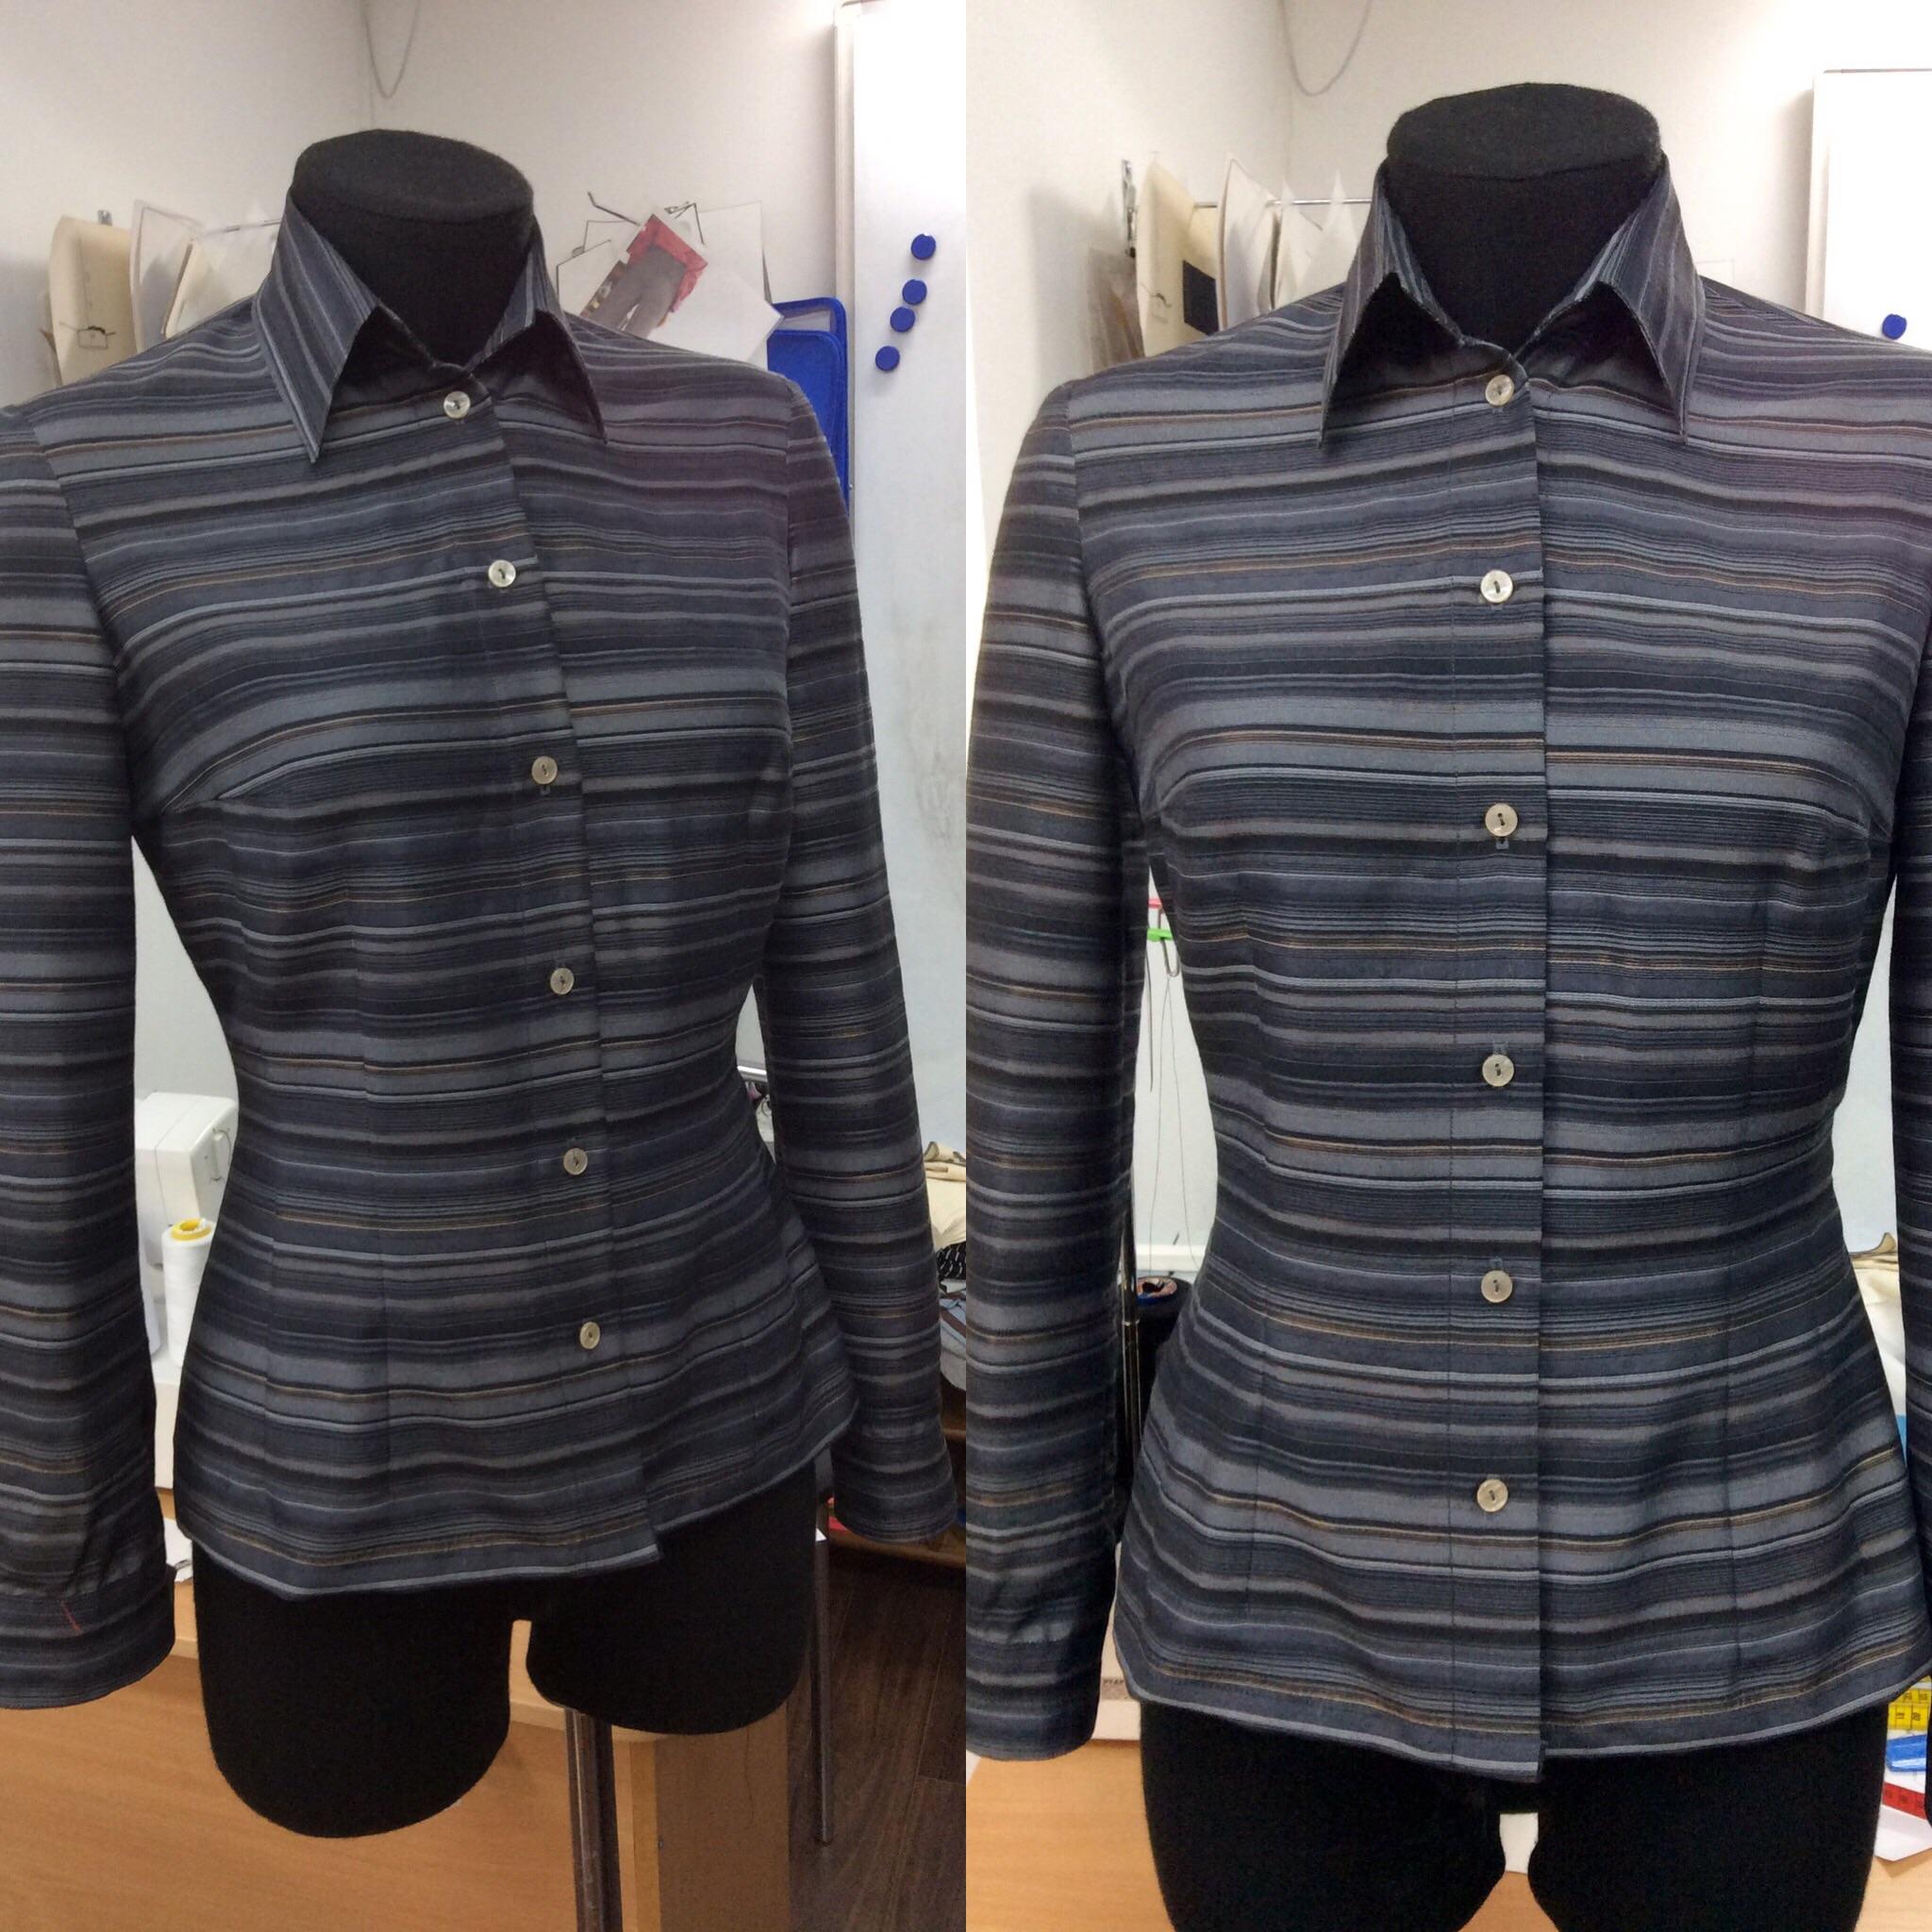 Блузка на курсах кройки и шитья Школа дизайнерского мастерства Елизаветы Добрицкой